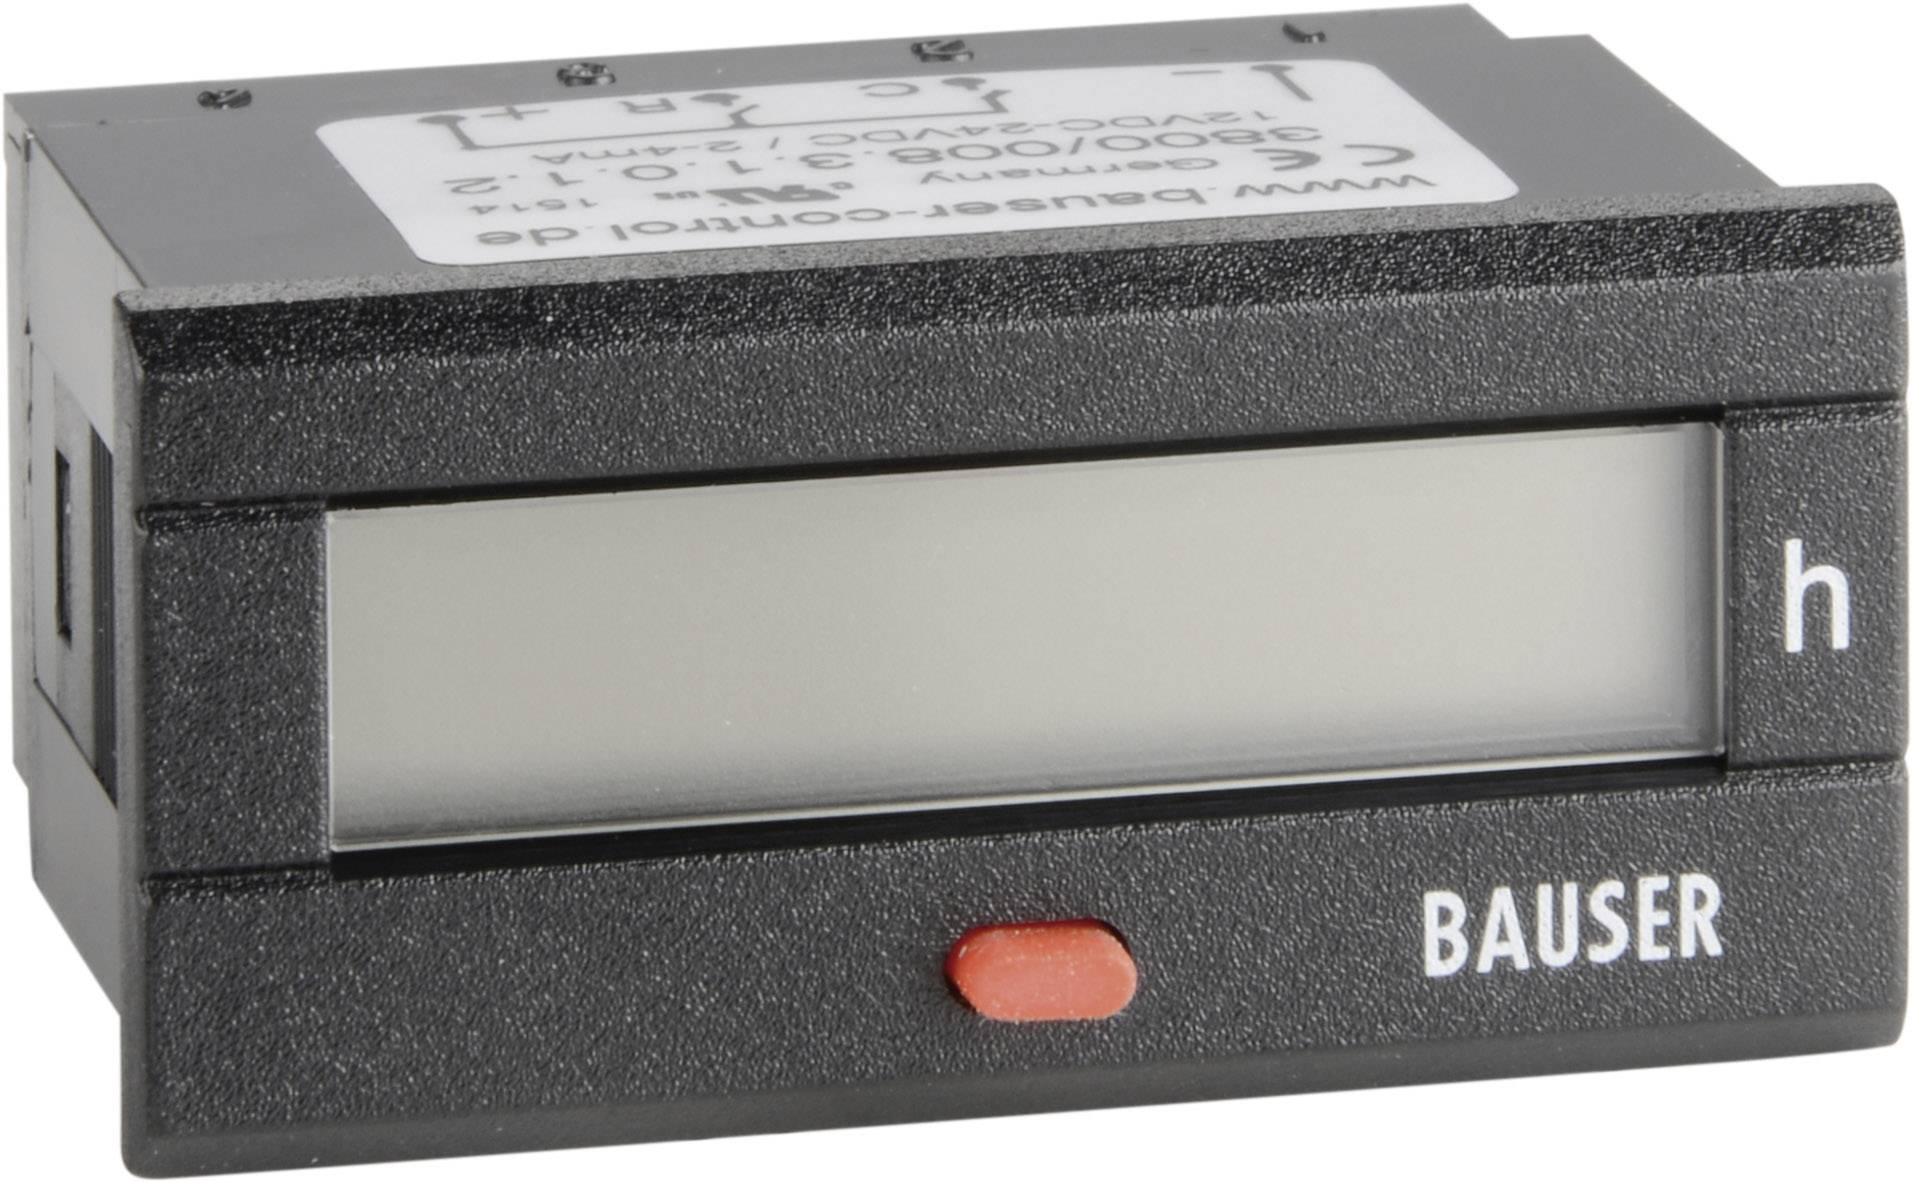 Počítadlo prevádzkových hodín Bauser 3800.2.1.0.1.2, 115 - 240 VAC, 45 x 22 mm, IP65